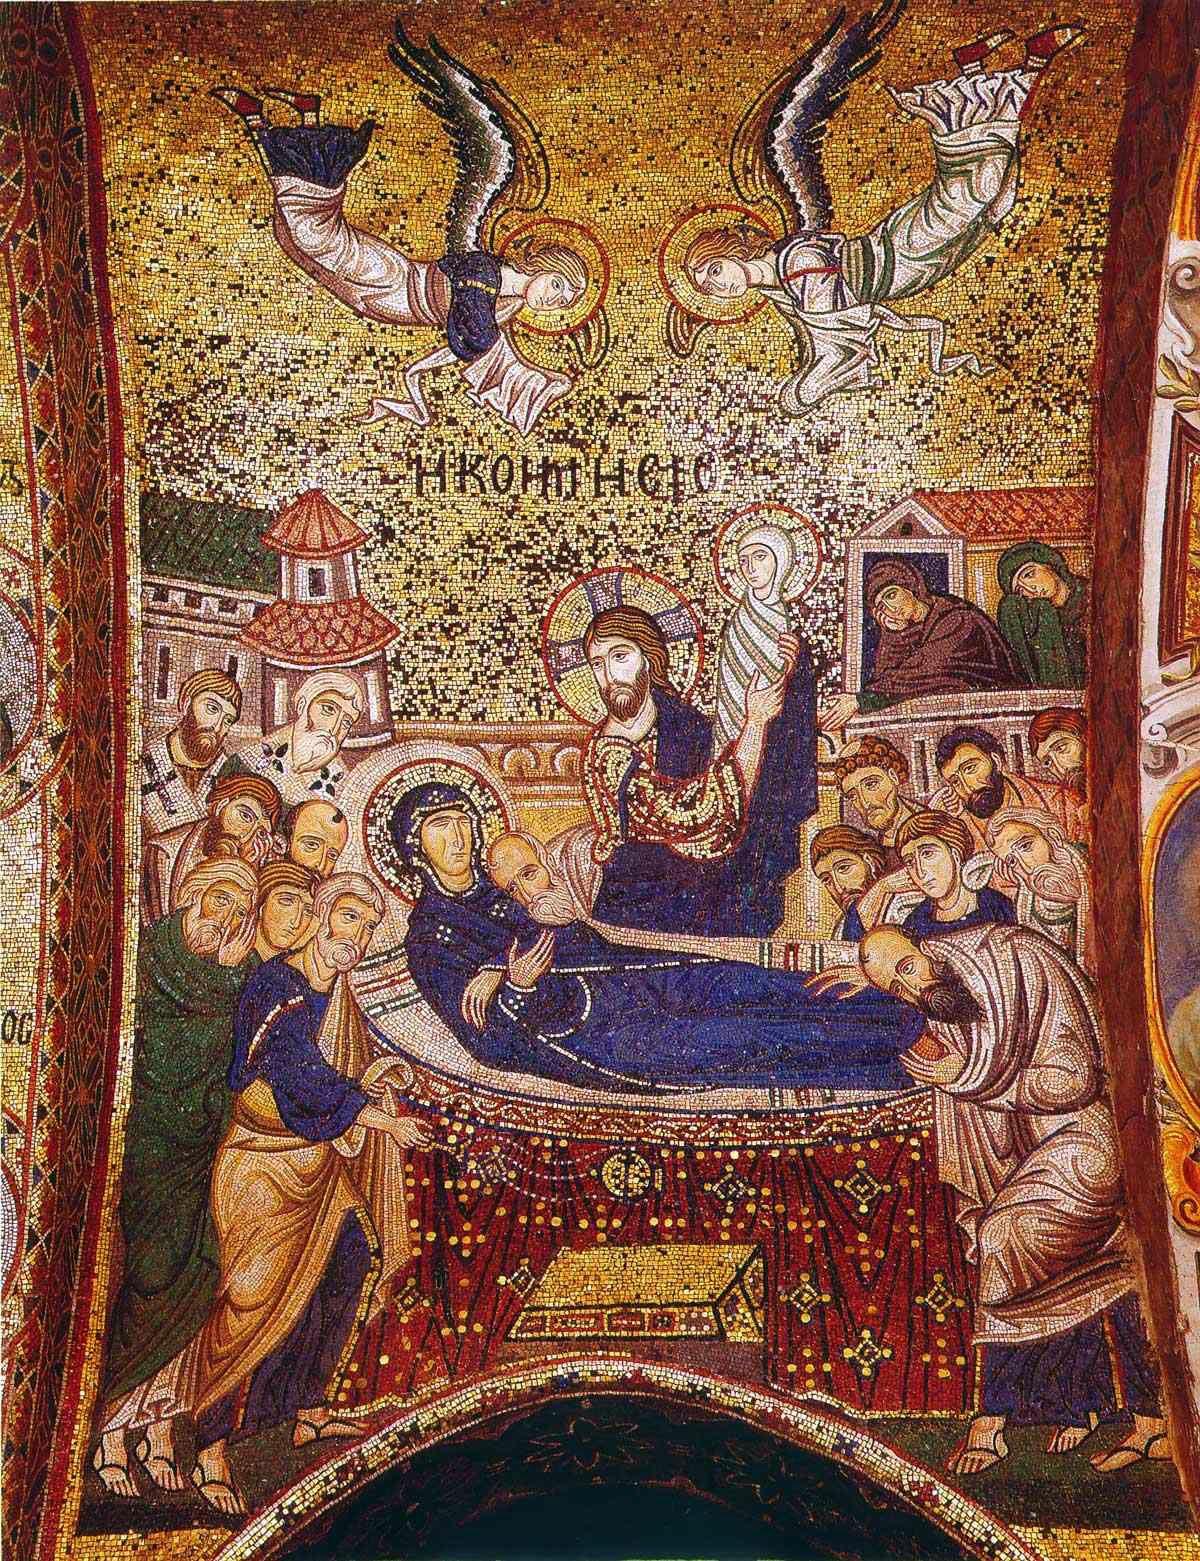 Η Μετάσταση της Θεοτόκου κατά τον άγιο Ανδρέα Κρήτης - Φωτογραφία 1